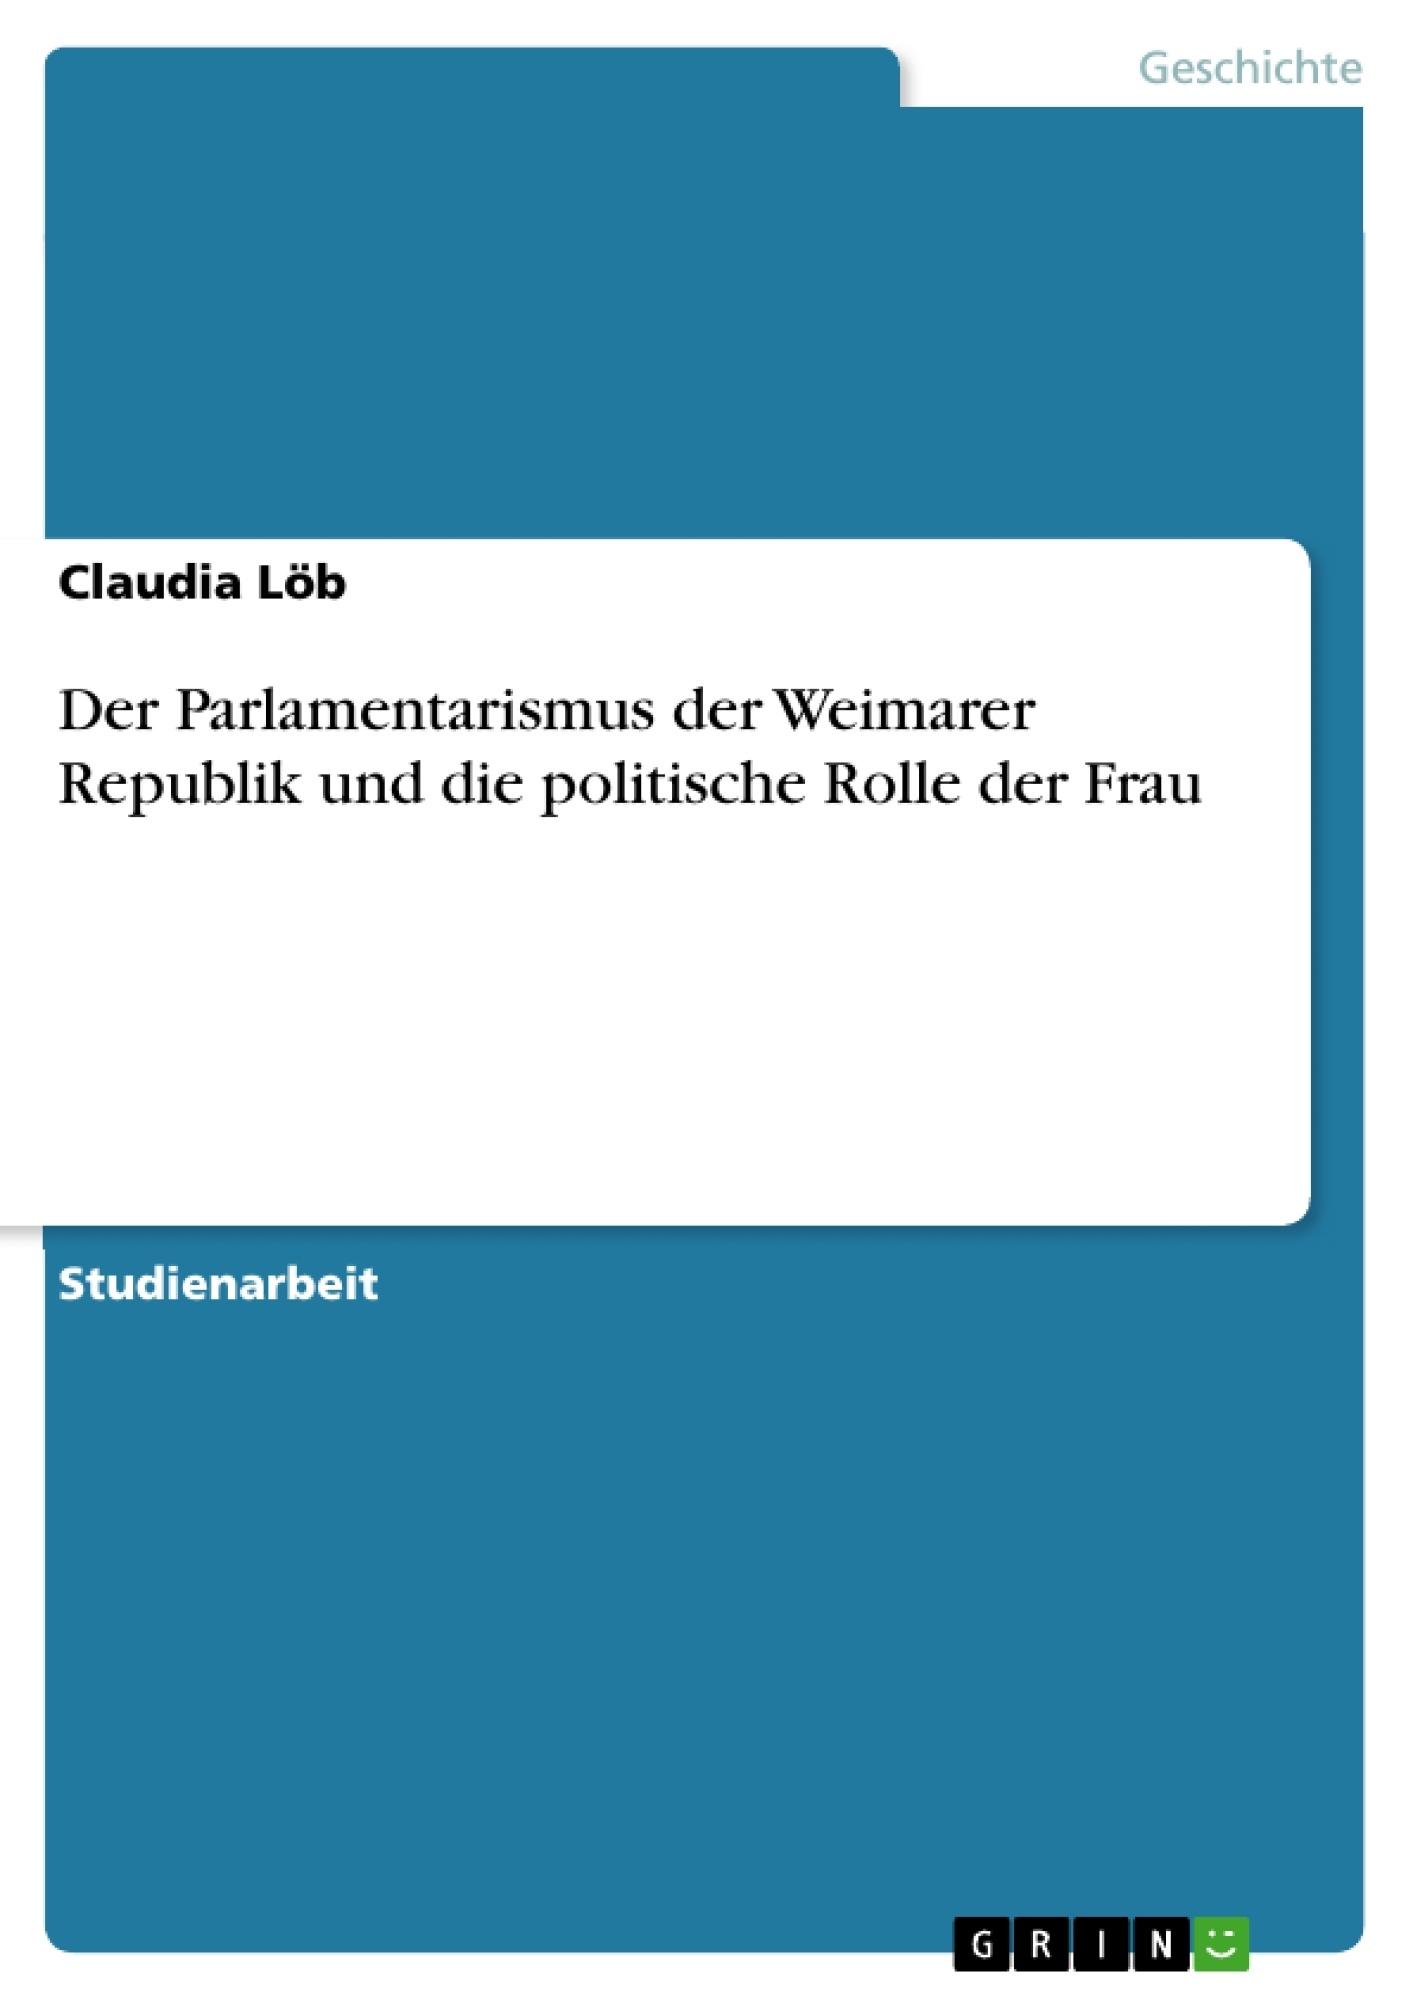 Titel: Der Parlamentarismus der Weimarer Republik und die politische Rolle der Frau